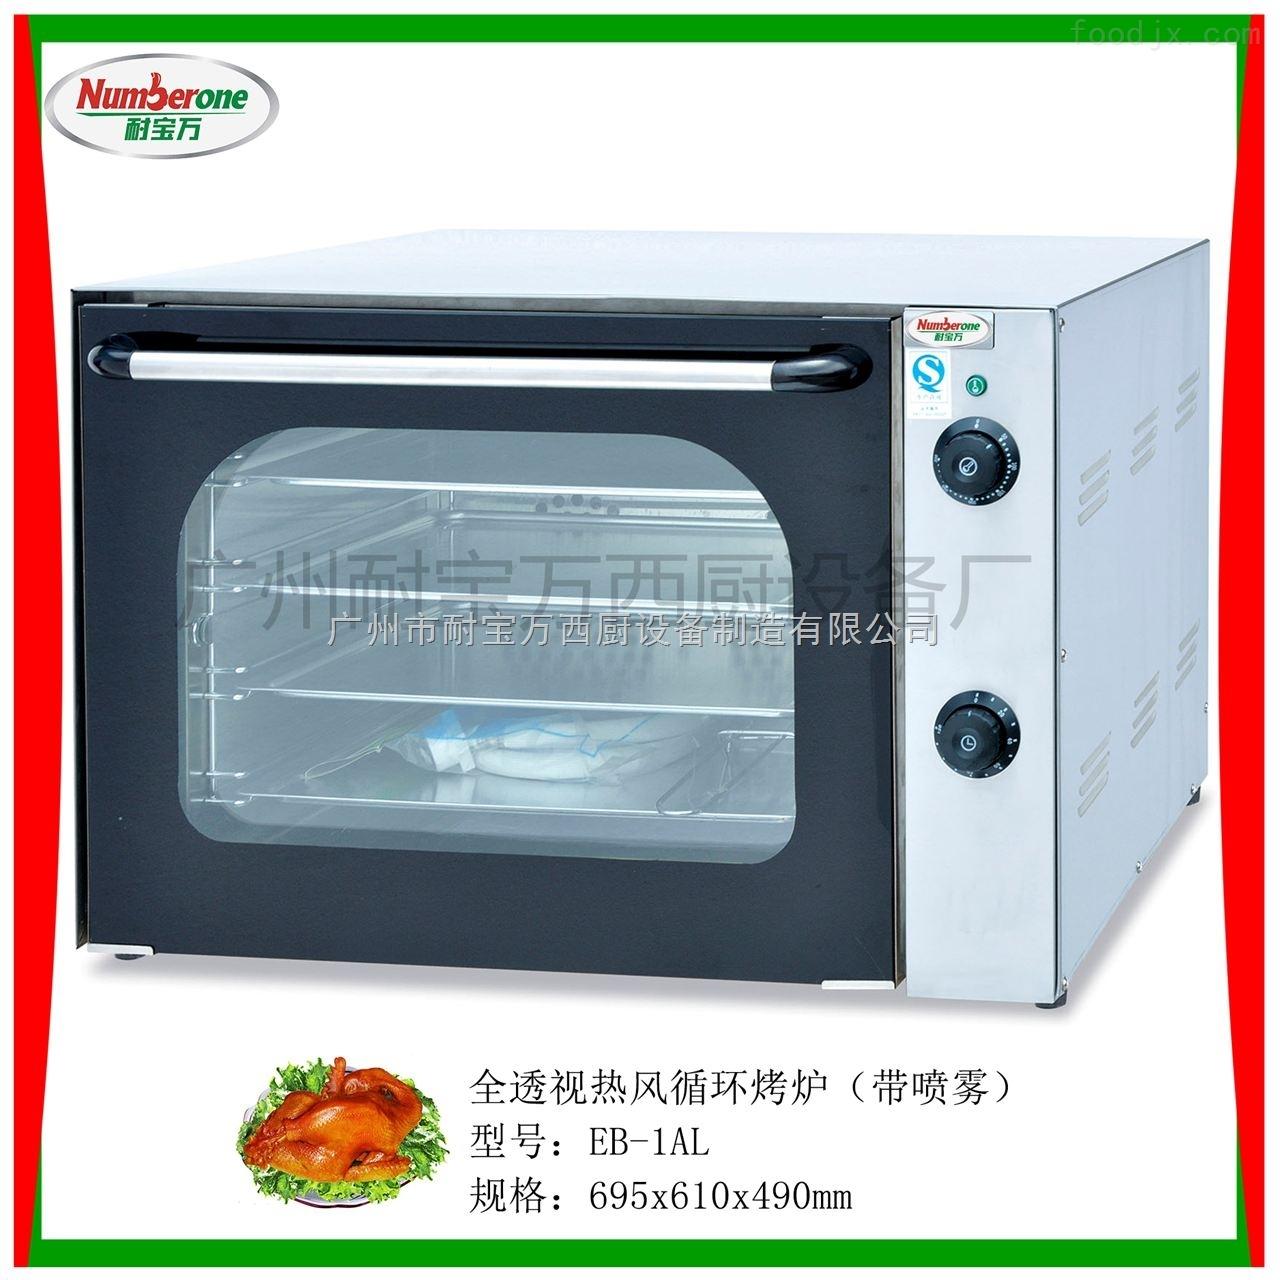 EB-1AL全热风循环电烤炉(带喷雾)